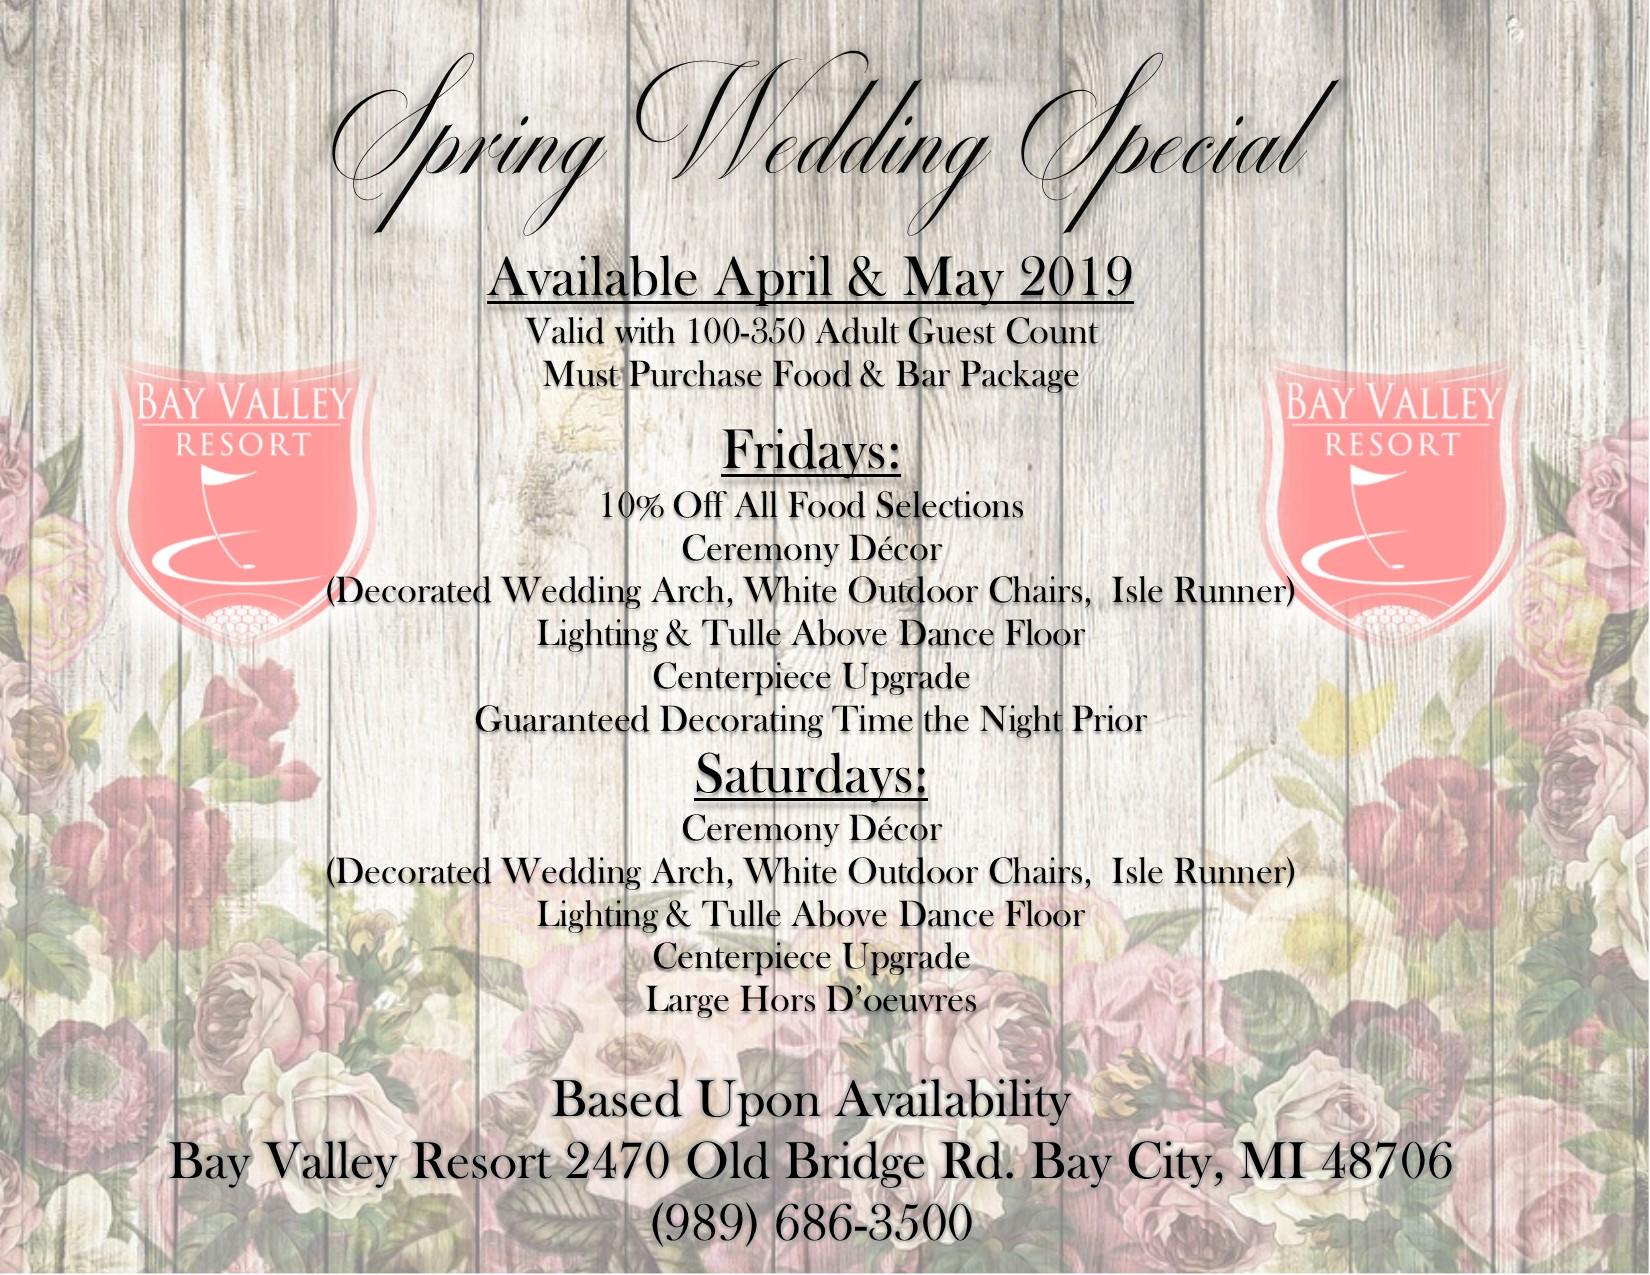 Spring Wedding Special 2019